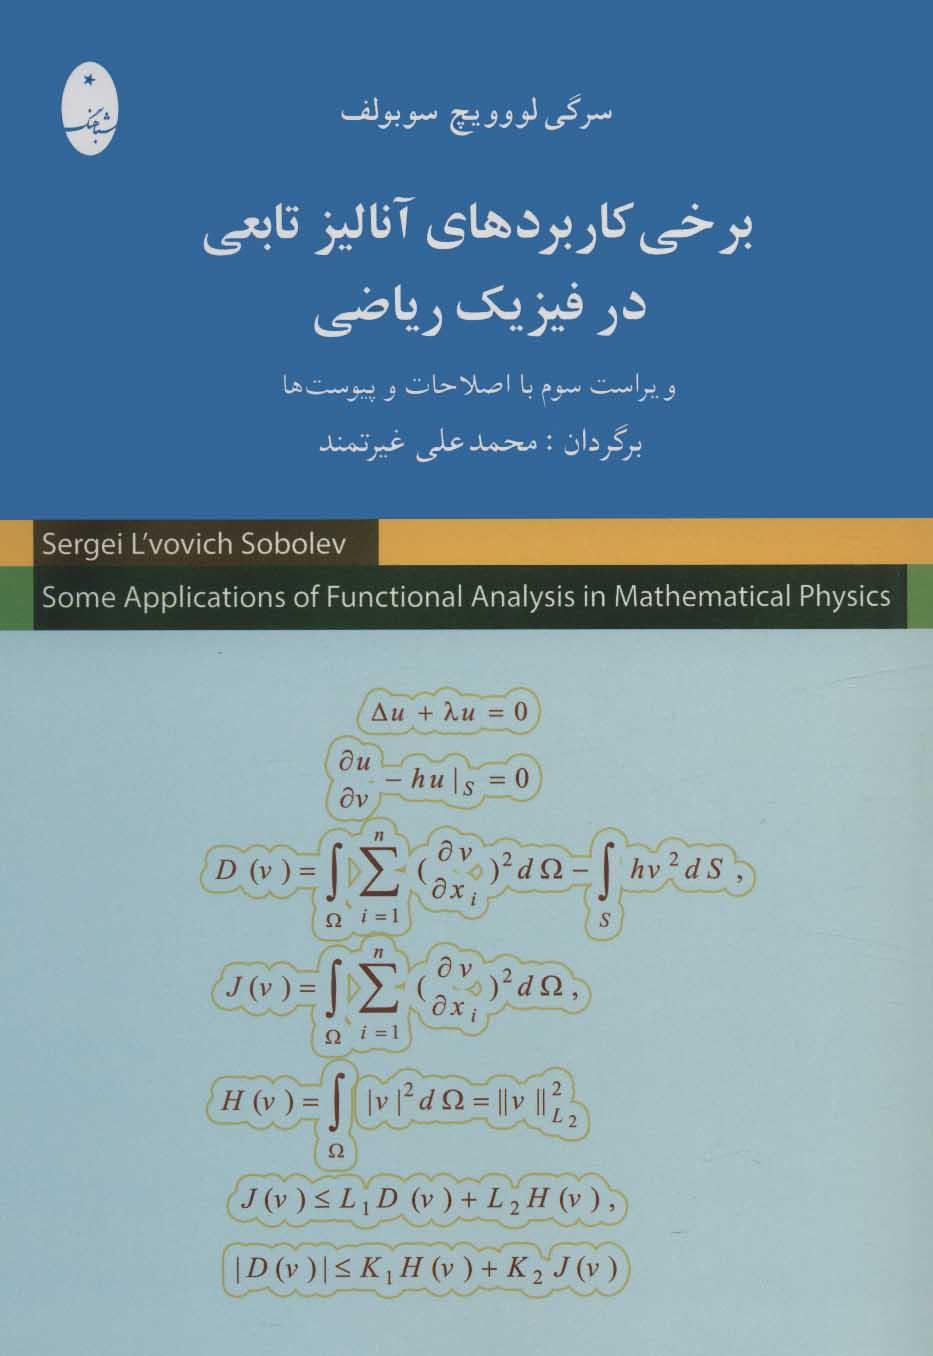 کتاب برخی کاربردهای آنالیز تابعی در فیزیک ریاضی